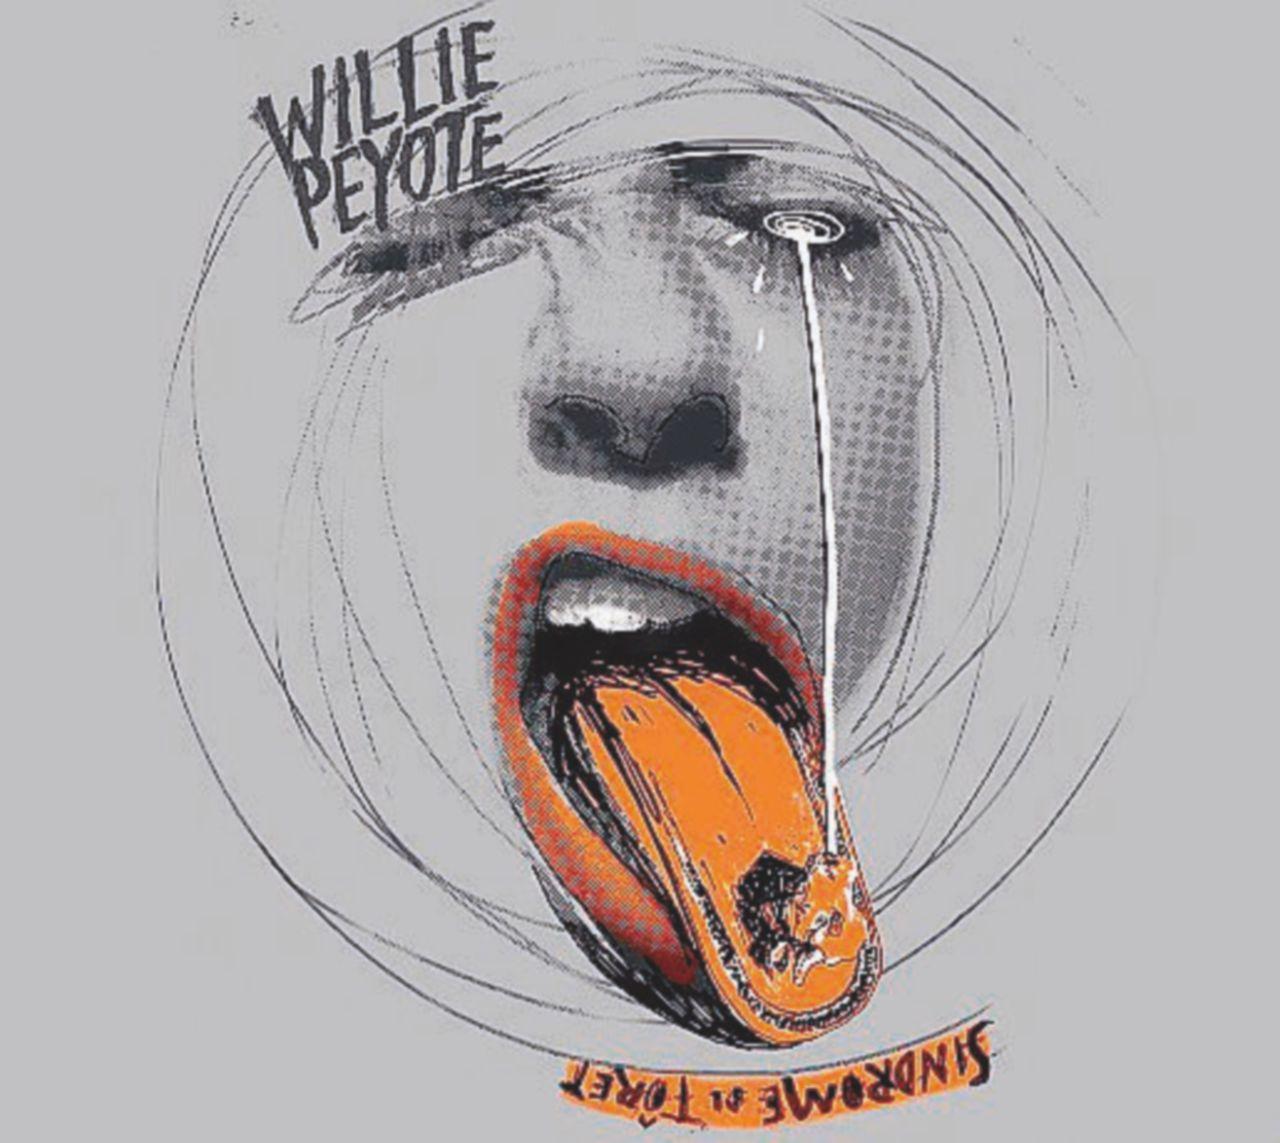 Willie Peyote non ha paura di dire come stanno le cose